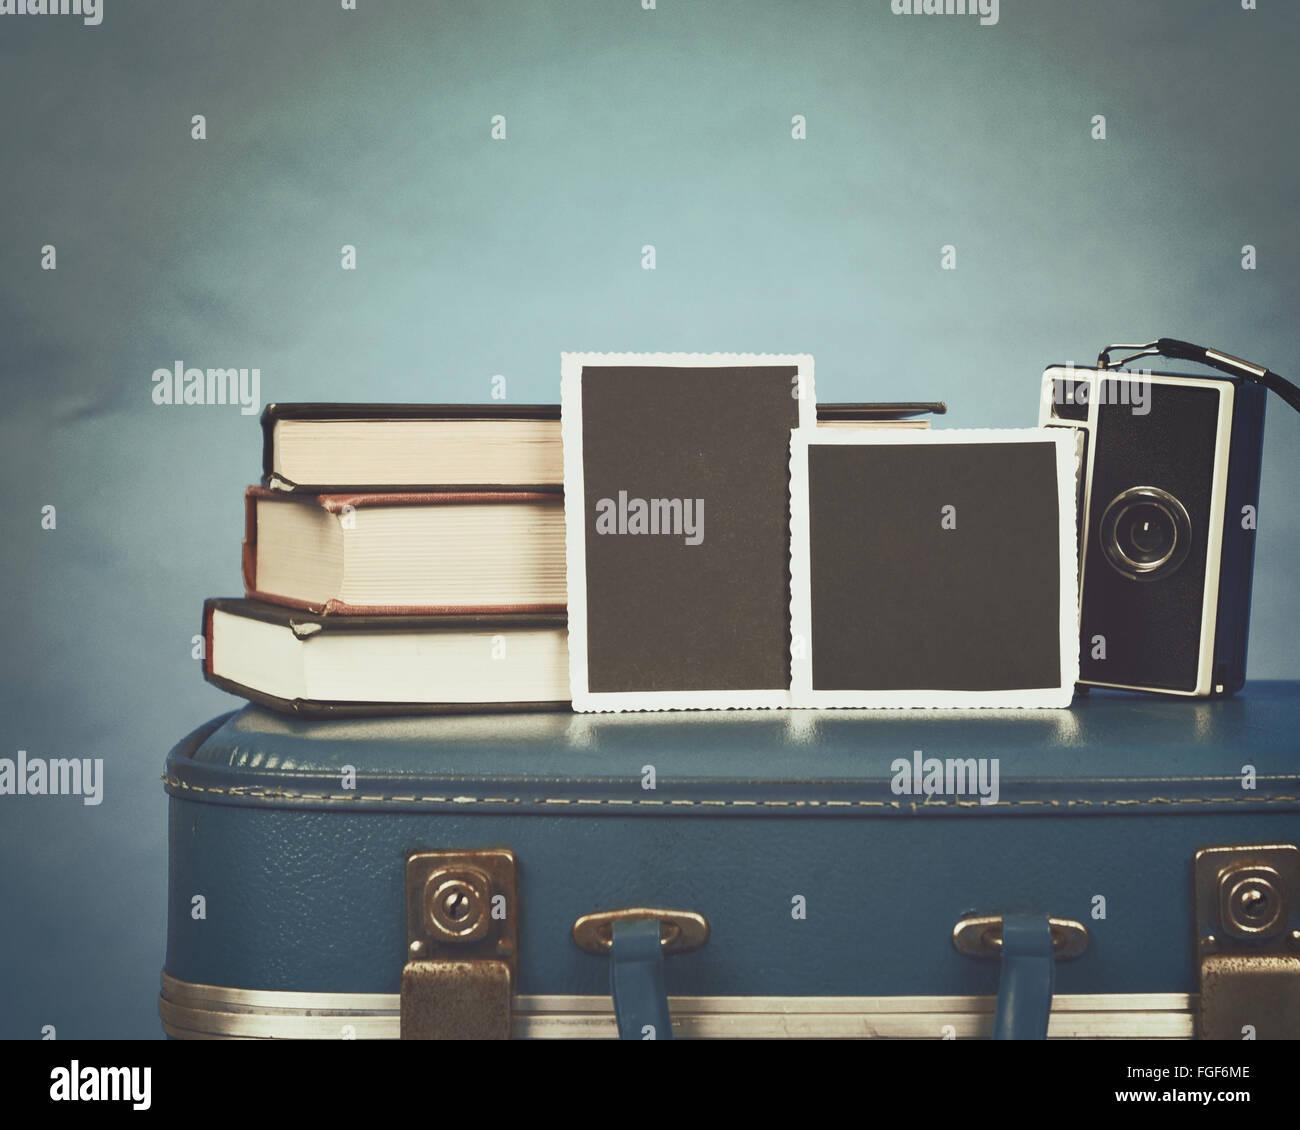 Le vecchie fotografie, una fotocamera e libri sono sulla parte superiore di una valigia vintage con uno sfondo blu Immagini Stock